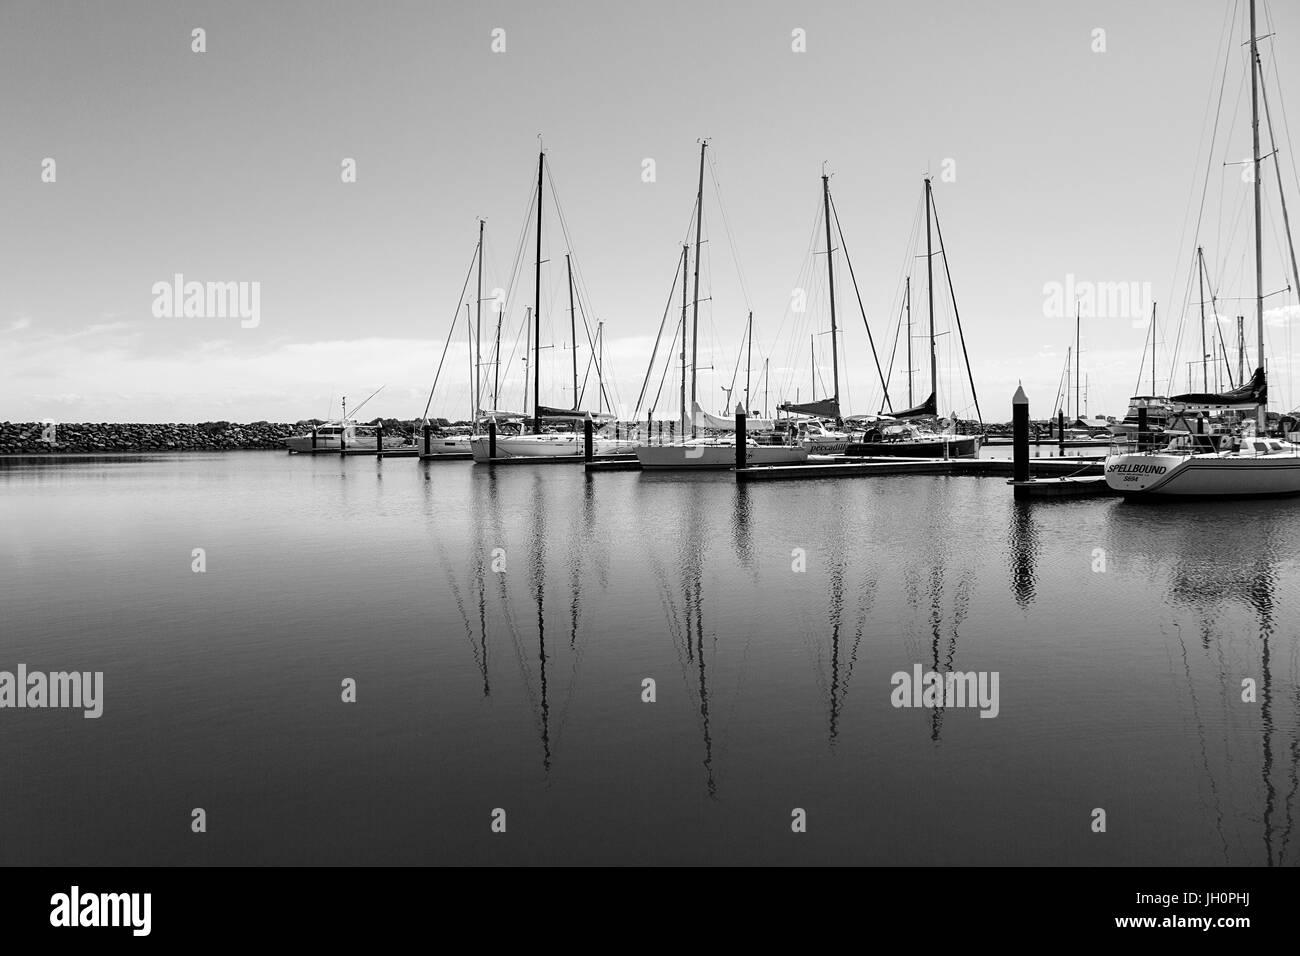 Sail Boats moored at St Kilda Marina - Stock Image